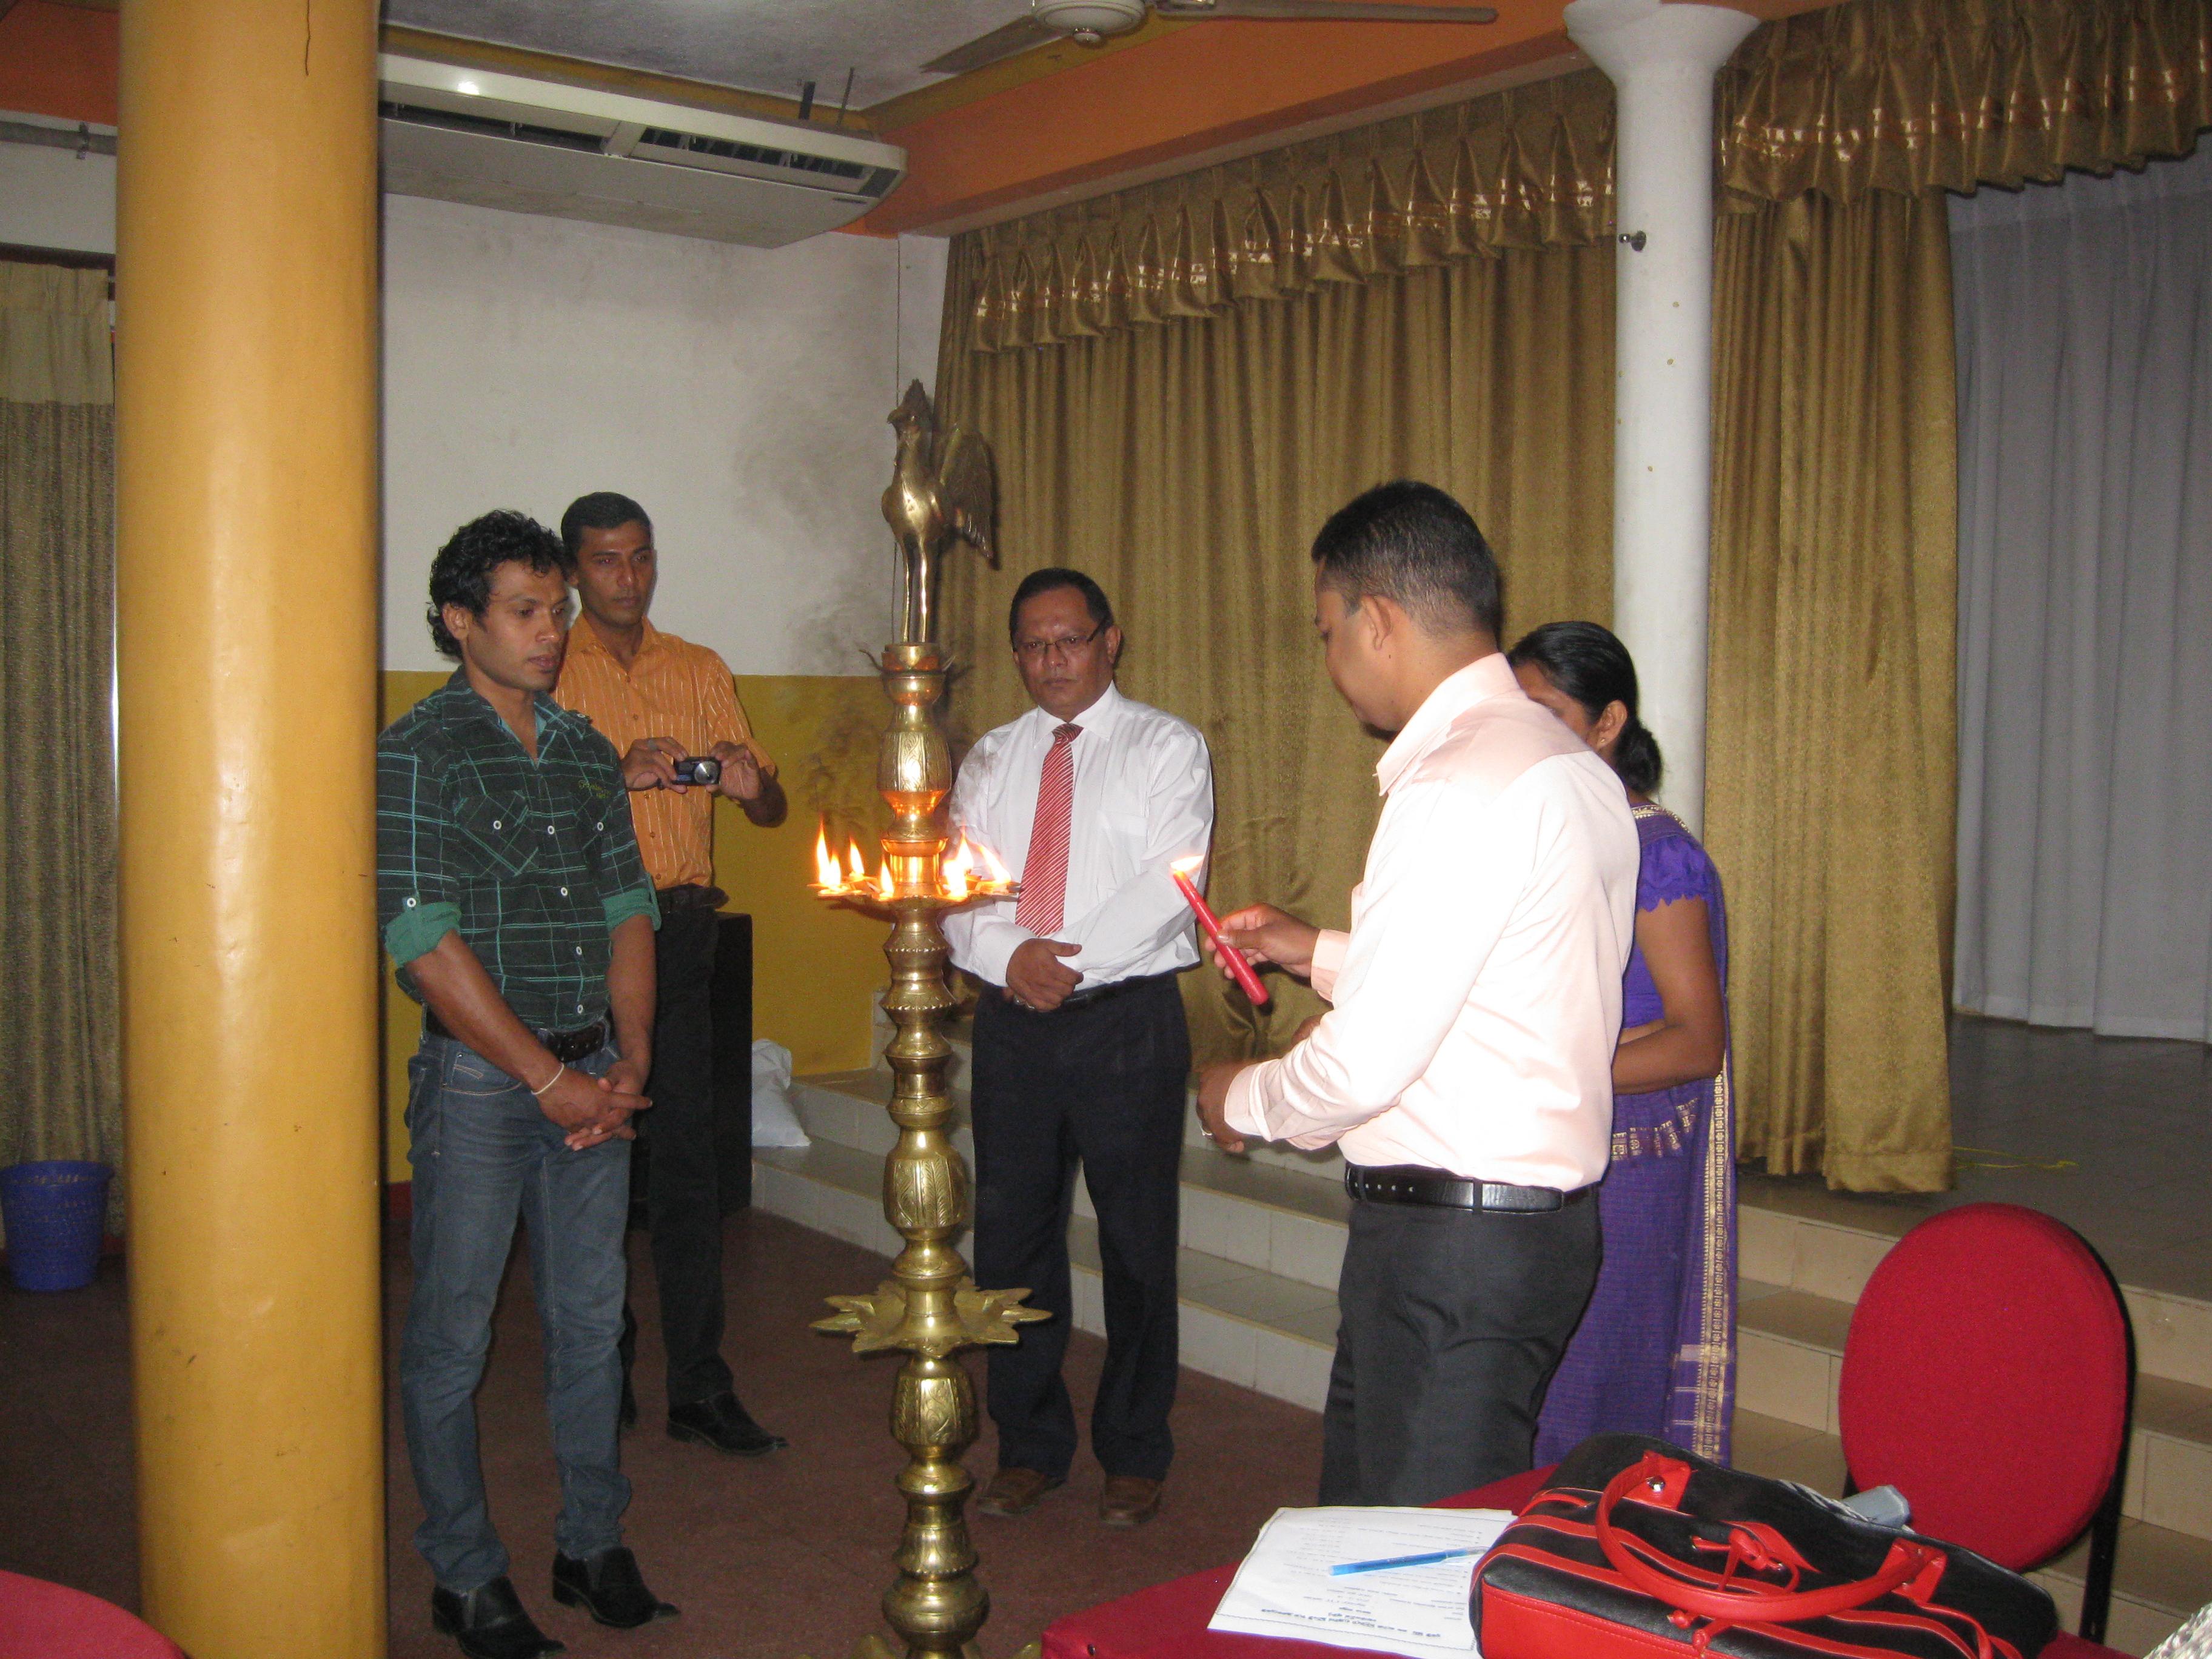 Lighing the oil lamp